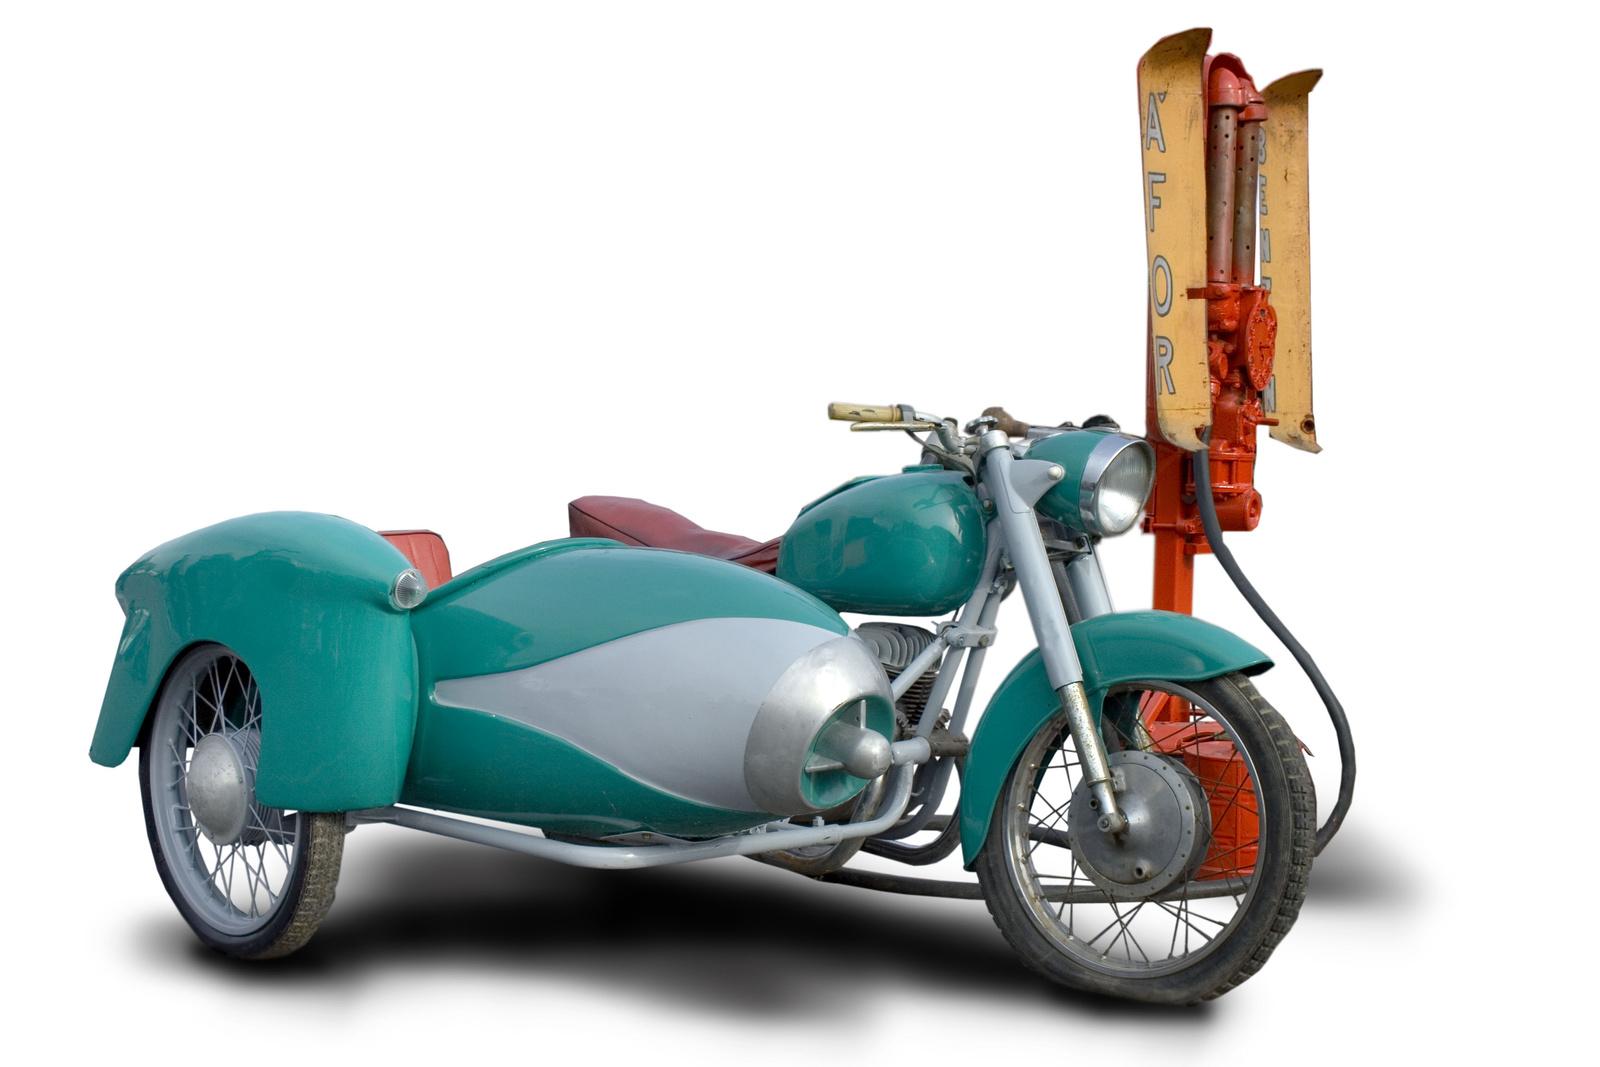 Pannónia hejreállított oldalkocsis motorkerékpár korabeli ÁFOR b